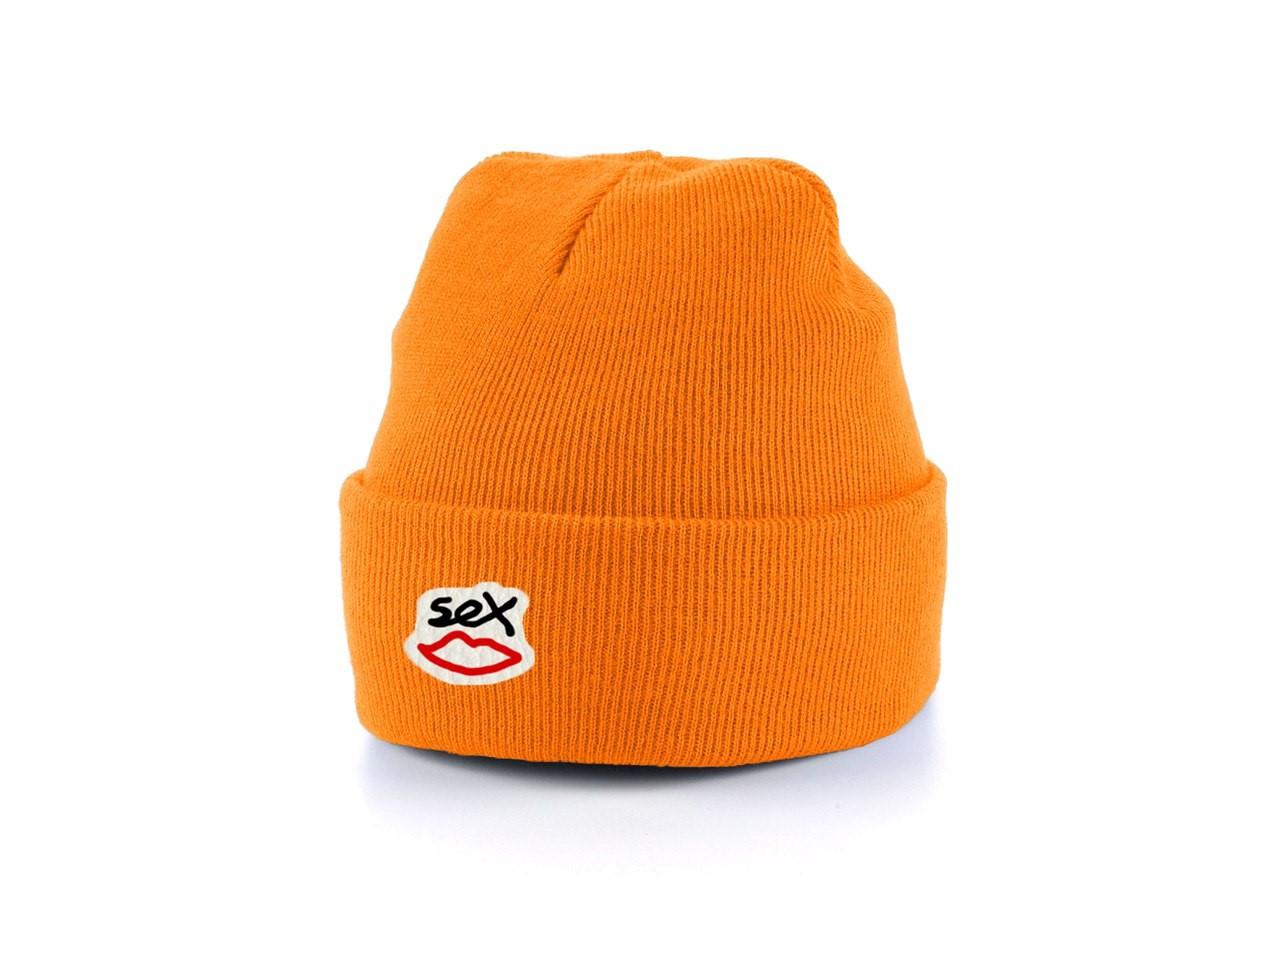 Мужская теплая шапка Sex универсальный размер